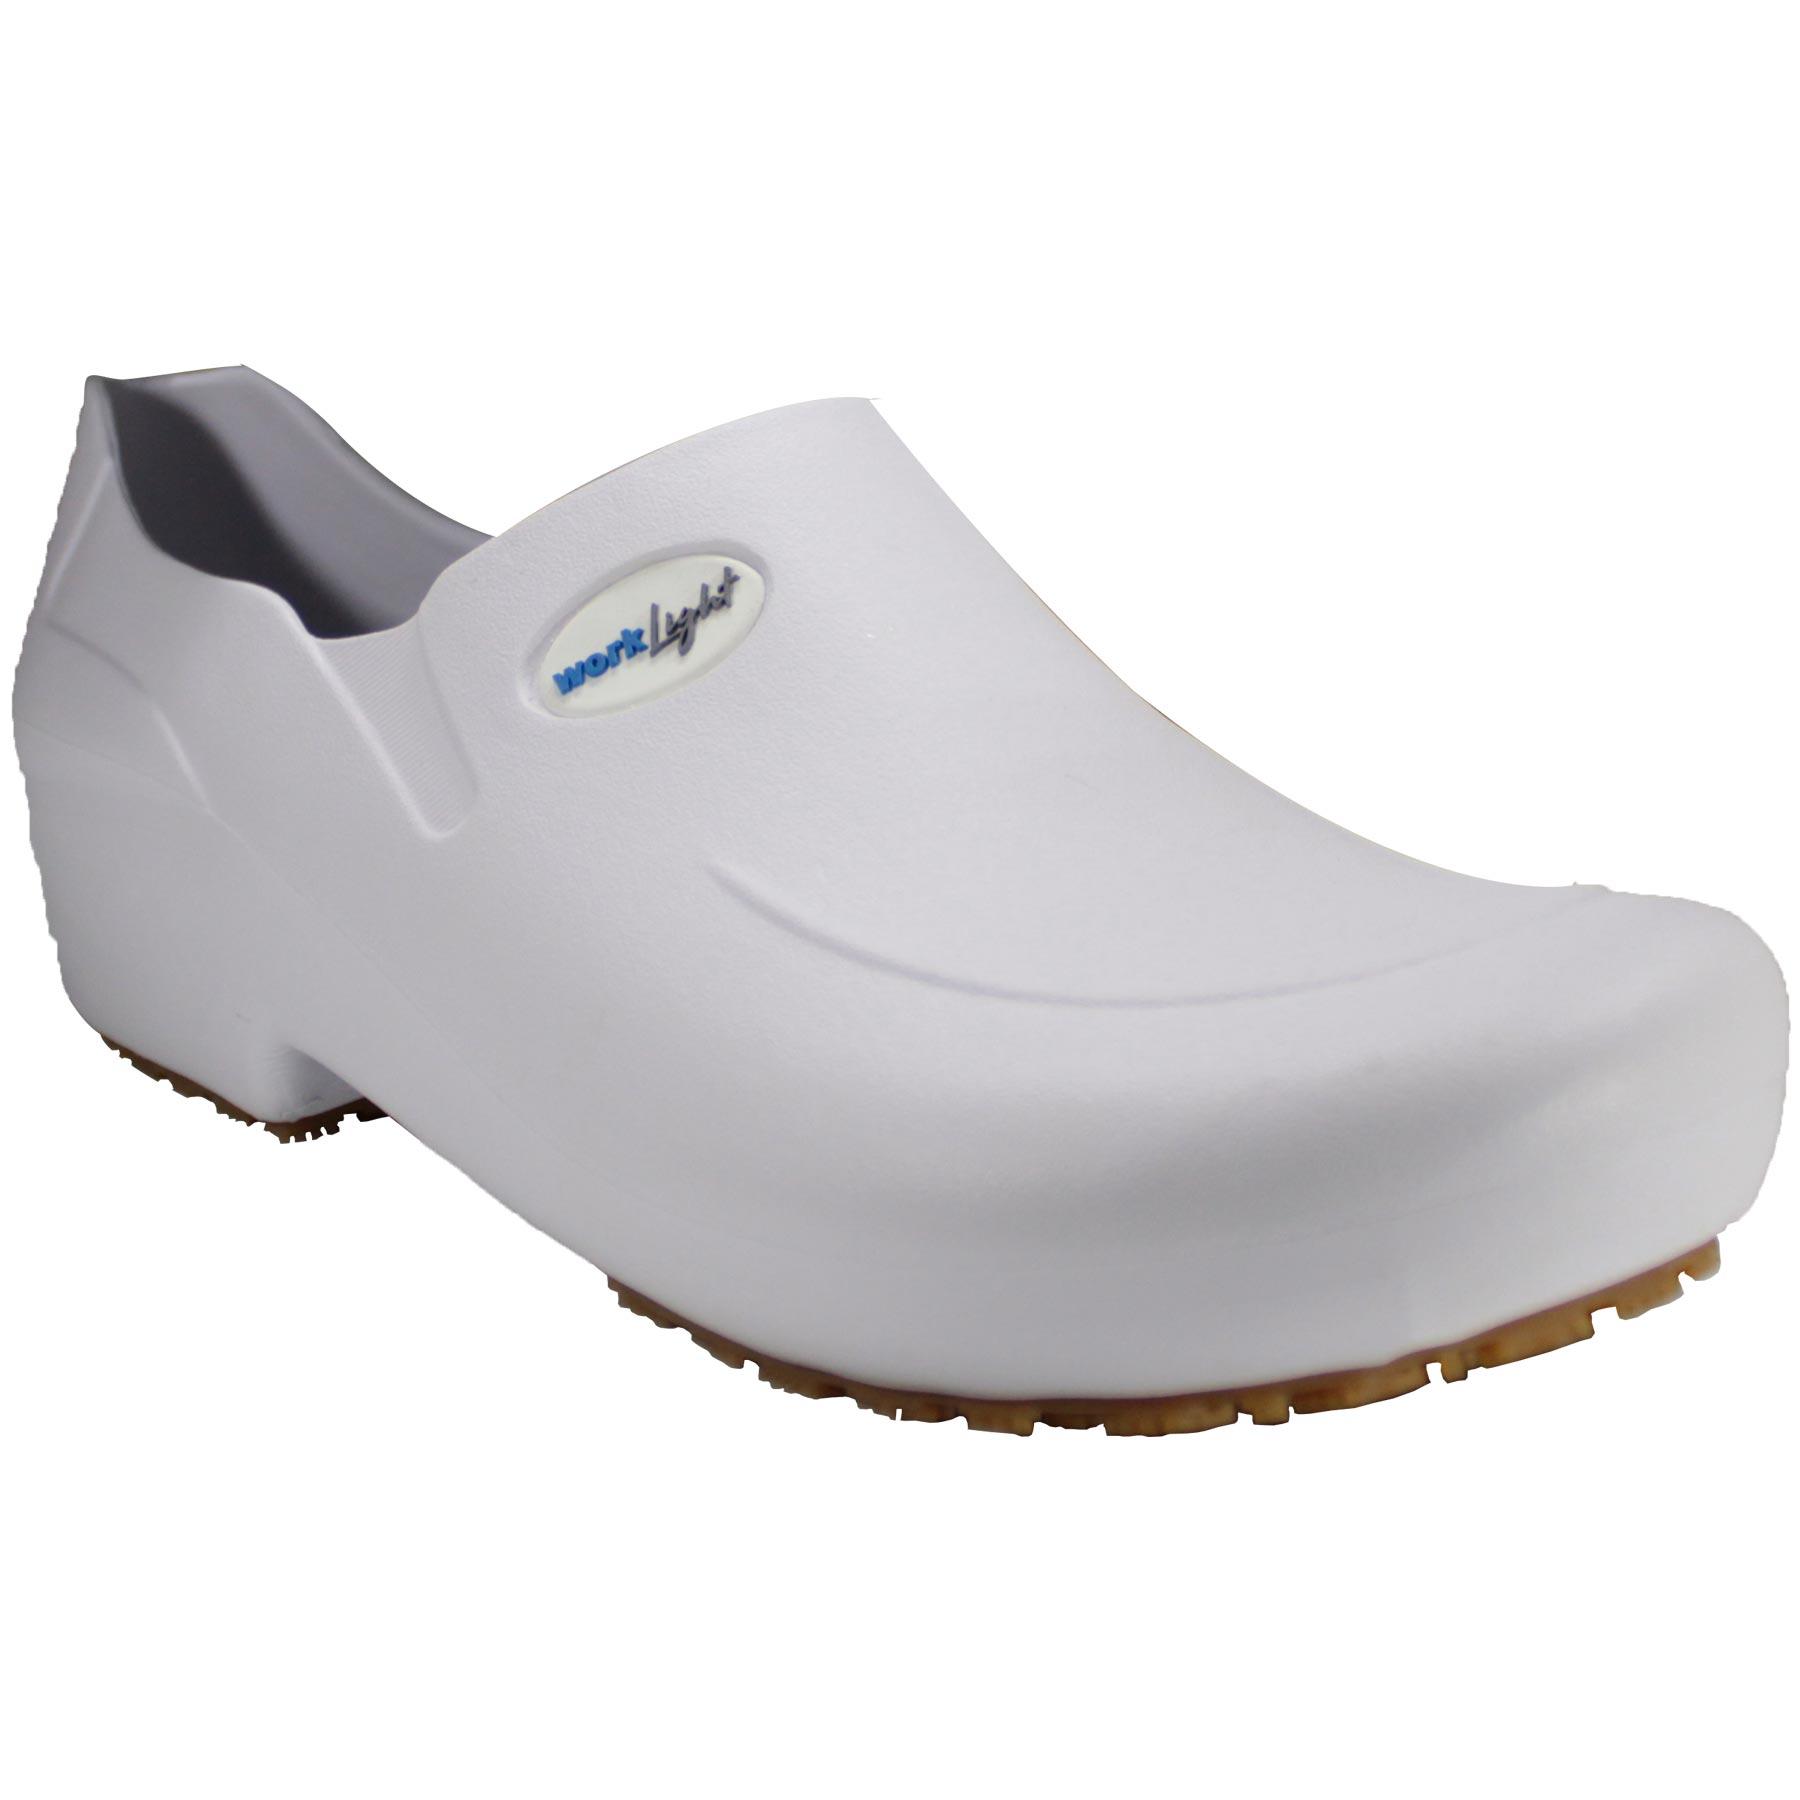 Sapato Antiderrapante Branco Work Light 50WLSB6 CA 40790